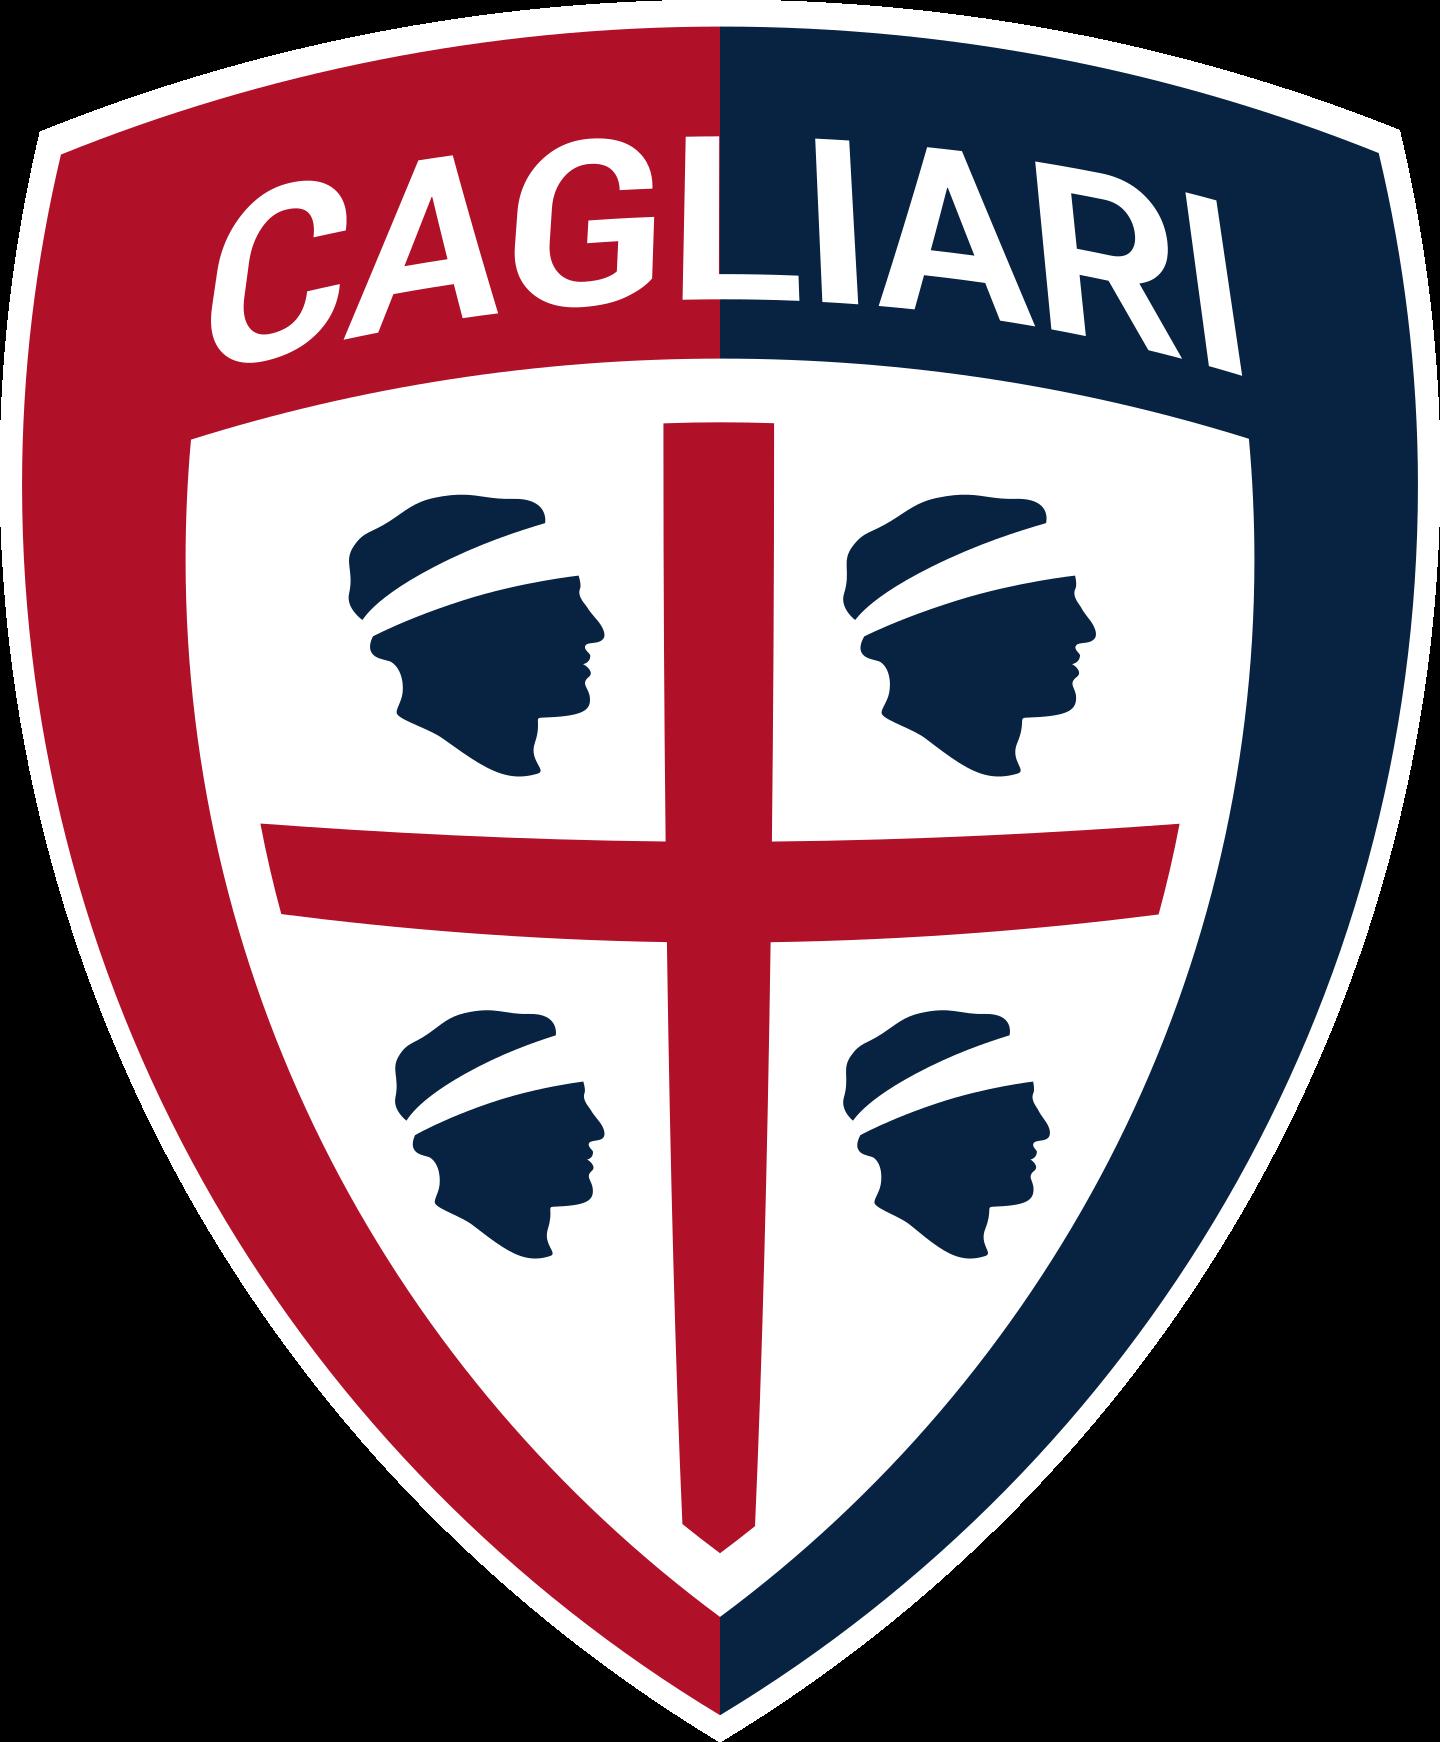 cagliari logo 2 - Cagliari Logo